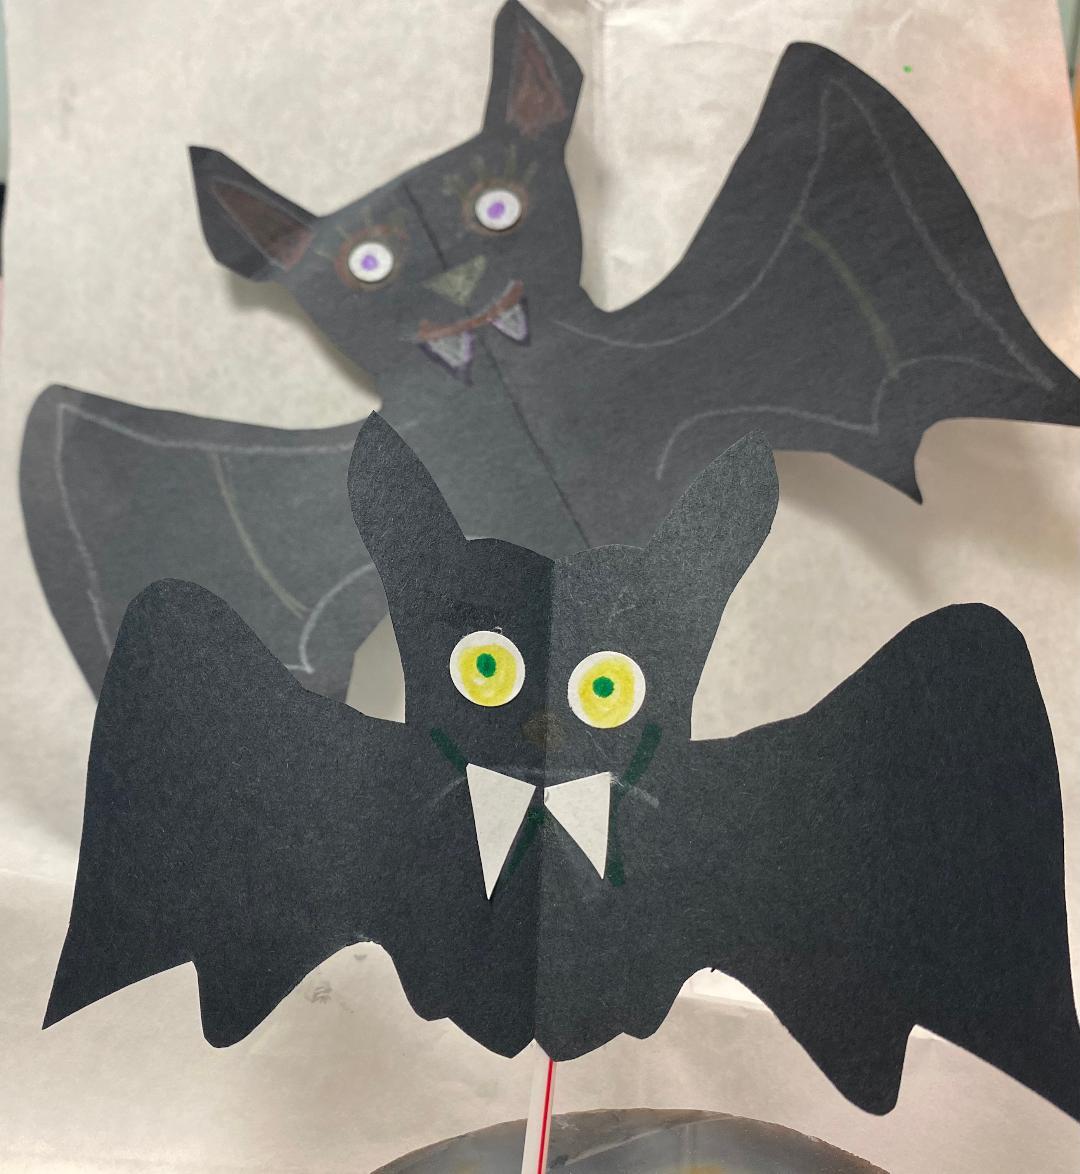 Weekend Fun: Flying Bats!